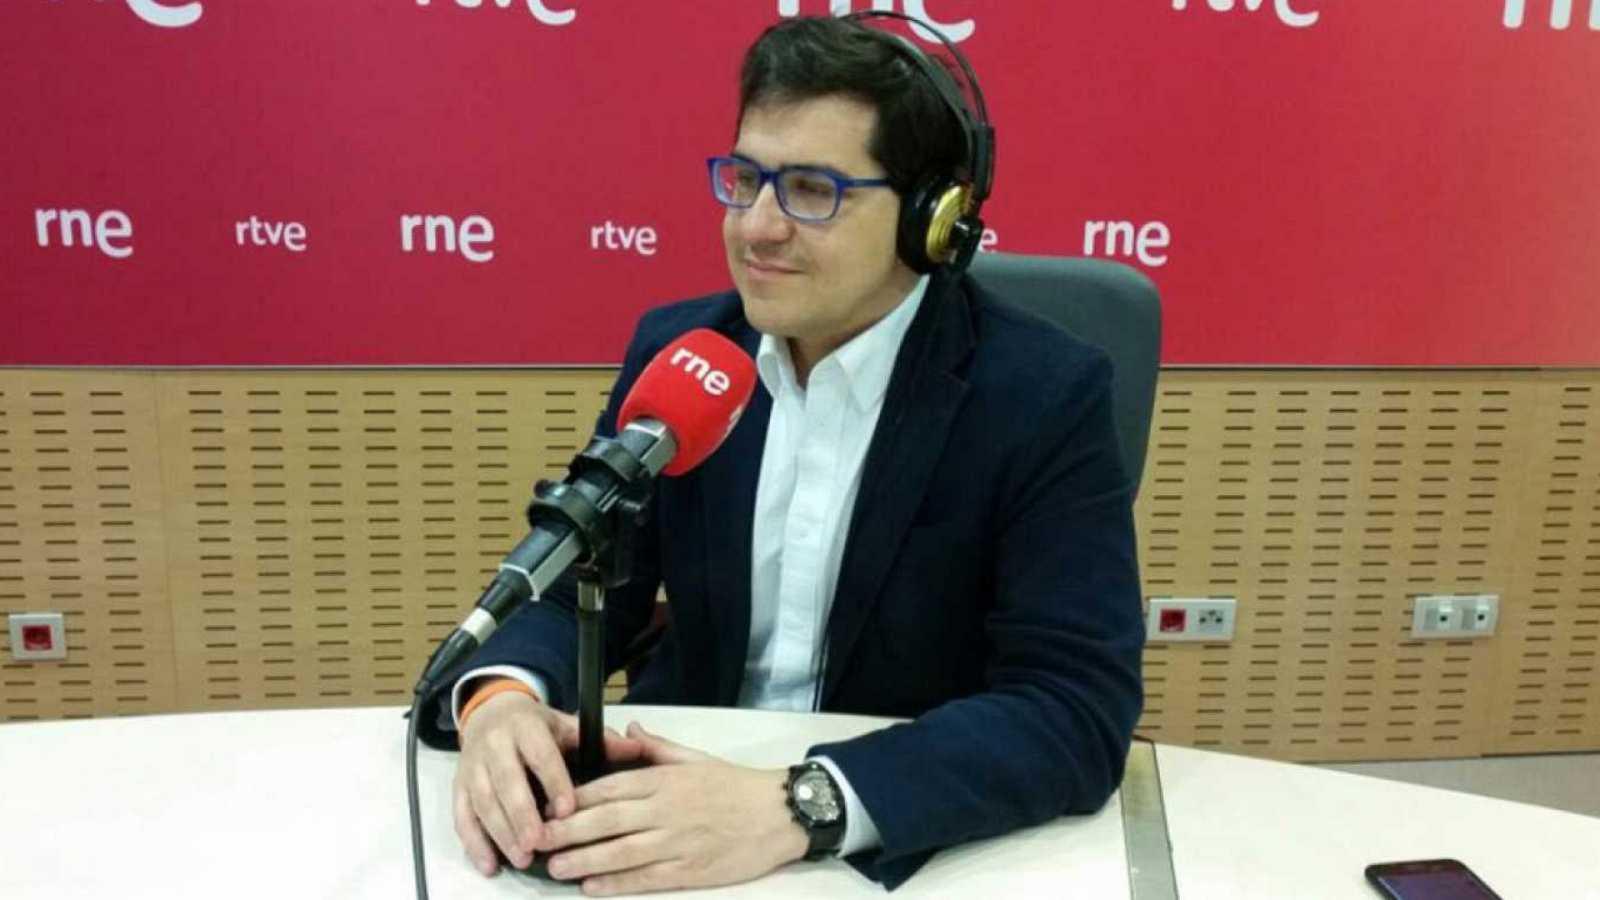 Parlamento - Radio 5 - Espejo afirma que Ciudadanos no cierra la puerta al pacto por los PGE pero pide a Sánchez que decida con quién quiere sacarlos adelante - Escuchar ahora